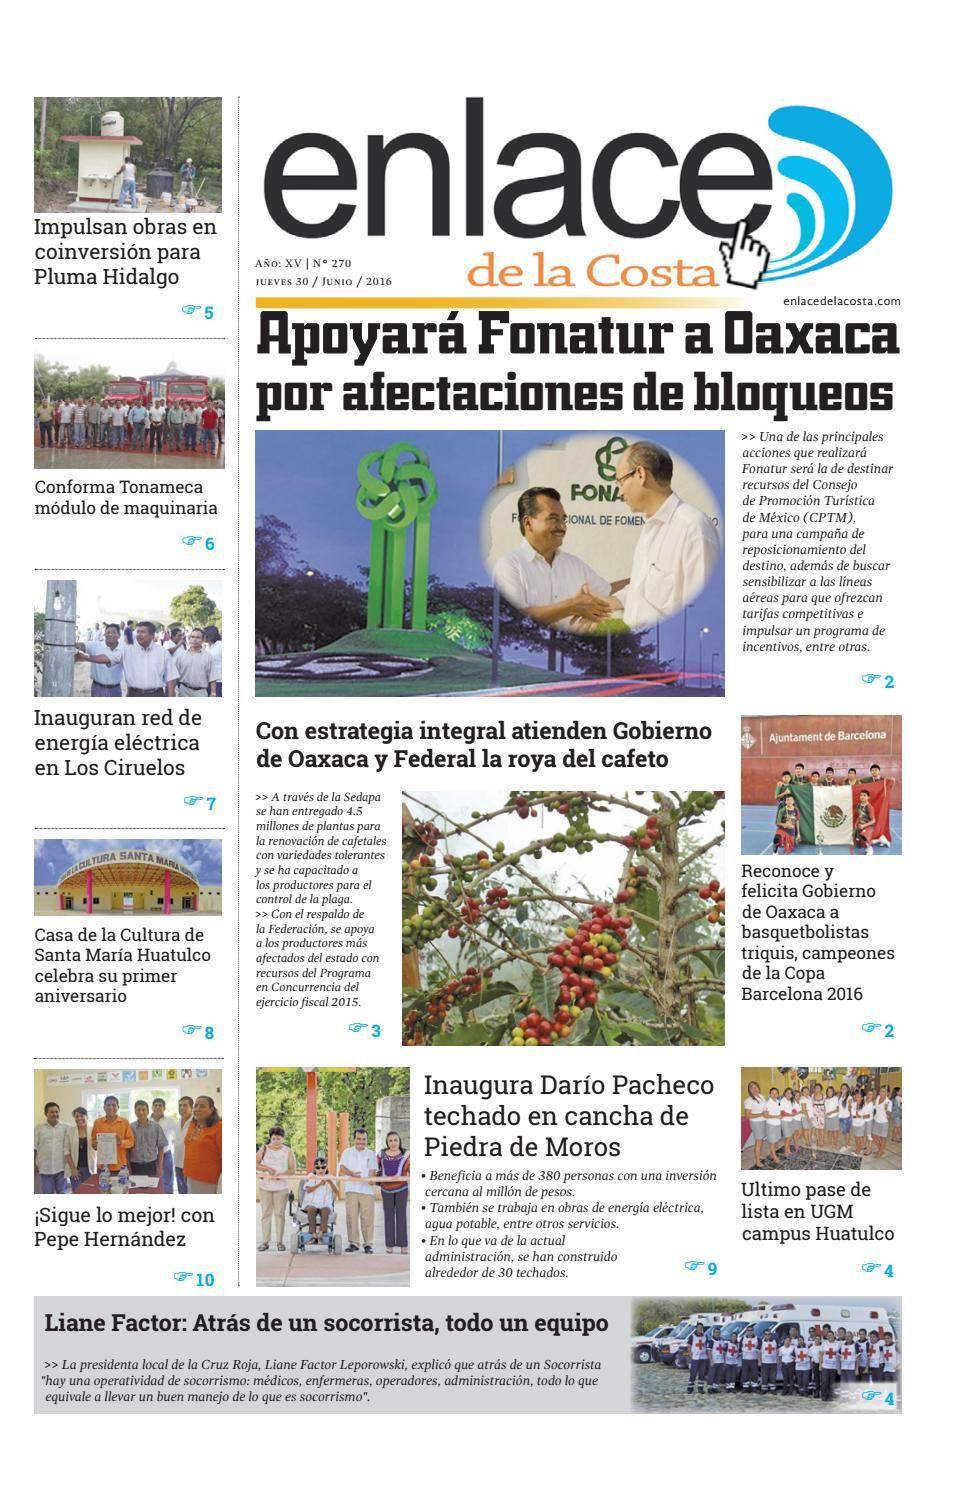 Edición 270; Enlace de la Costa  Edición número 270 del periódico Enlace de la Costa, editado y distribuido en la Costa de Oaxaca con información de la región y sus municipios.